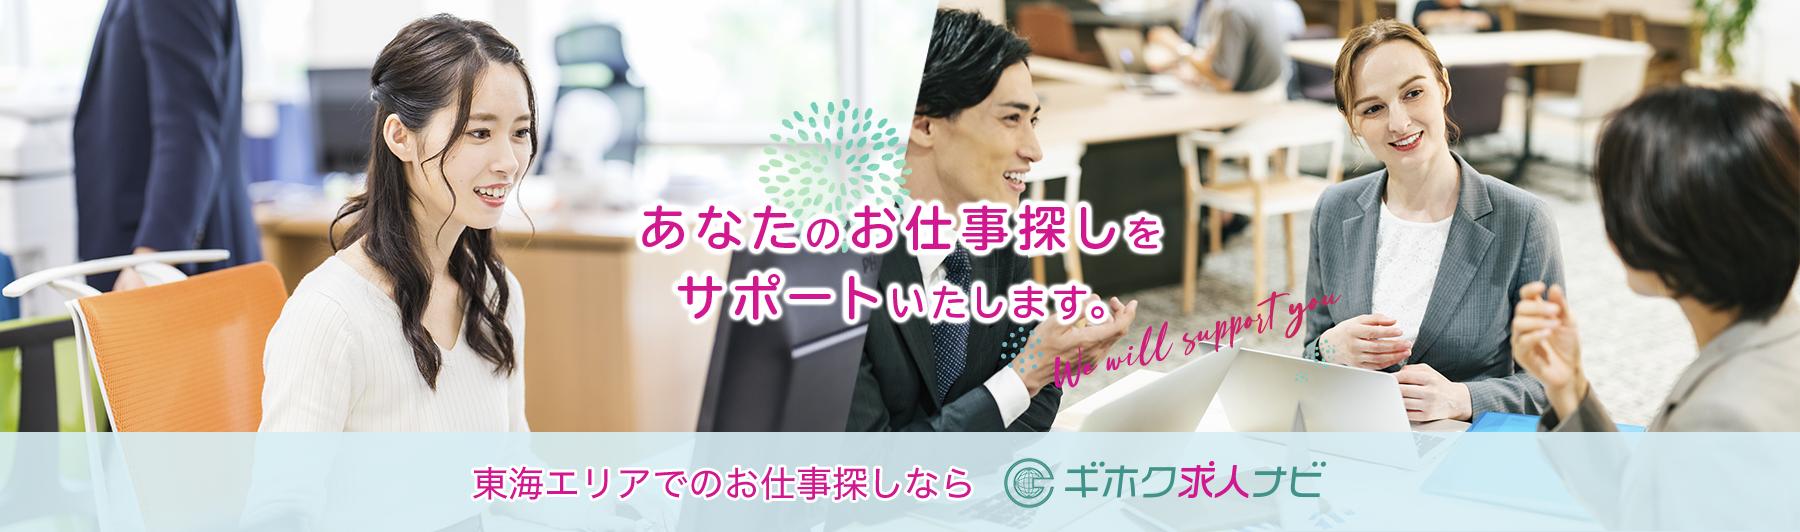 介護のお仕事探しをサポートいたします。岐阜県内でお仕事探しなら岐阜介護転職ジョブ